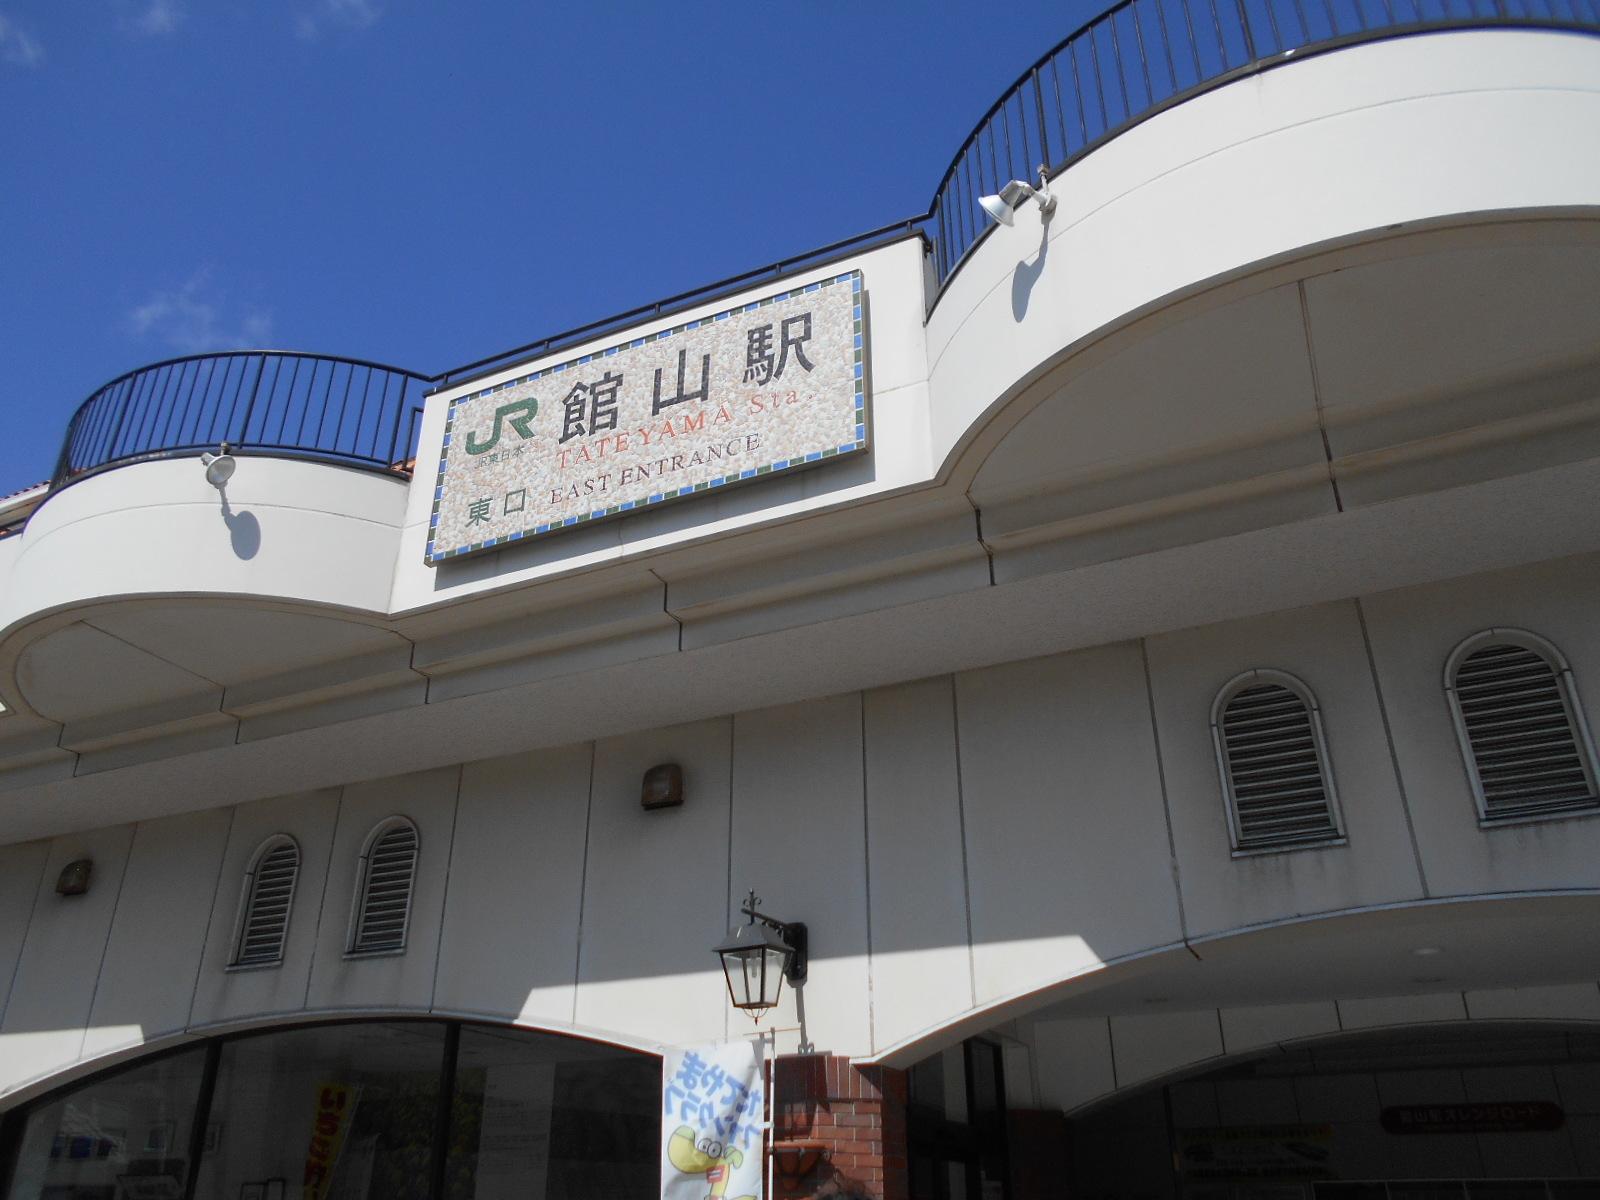 DSCN5513.jpg